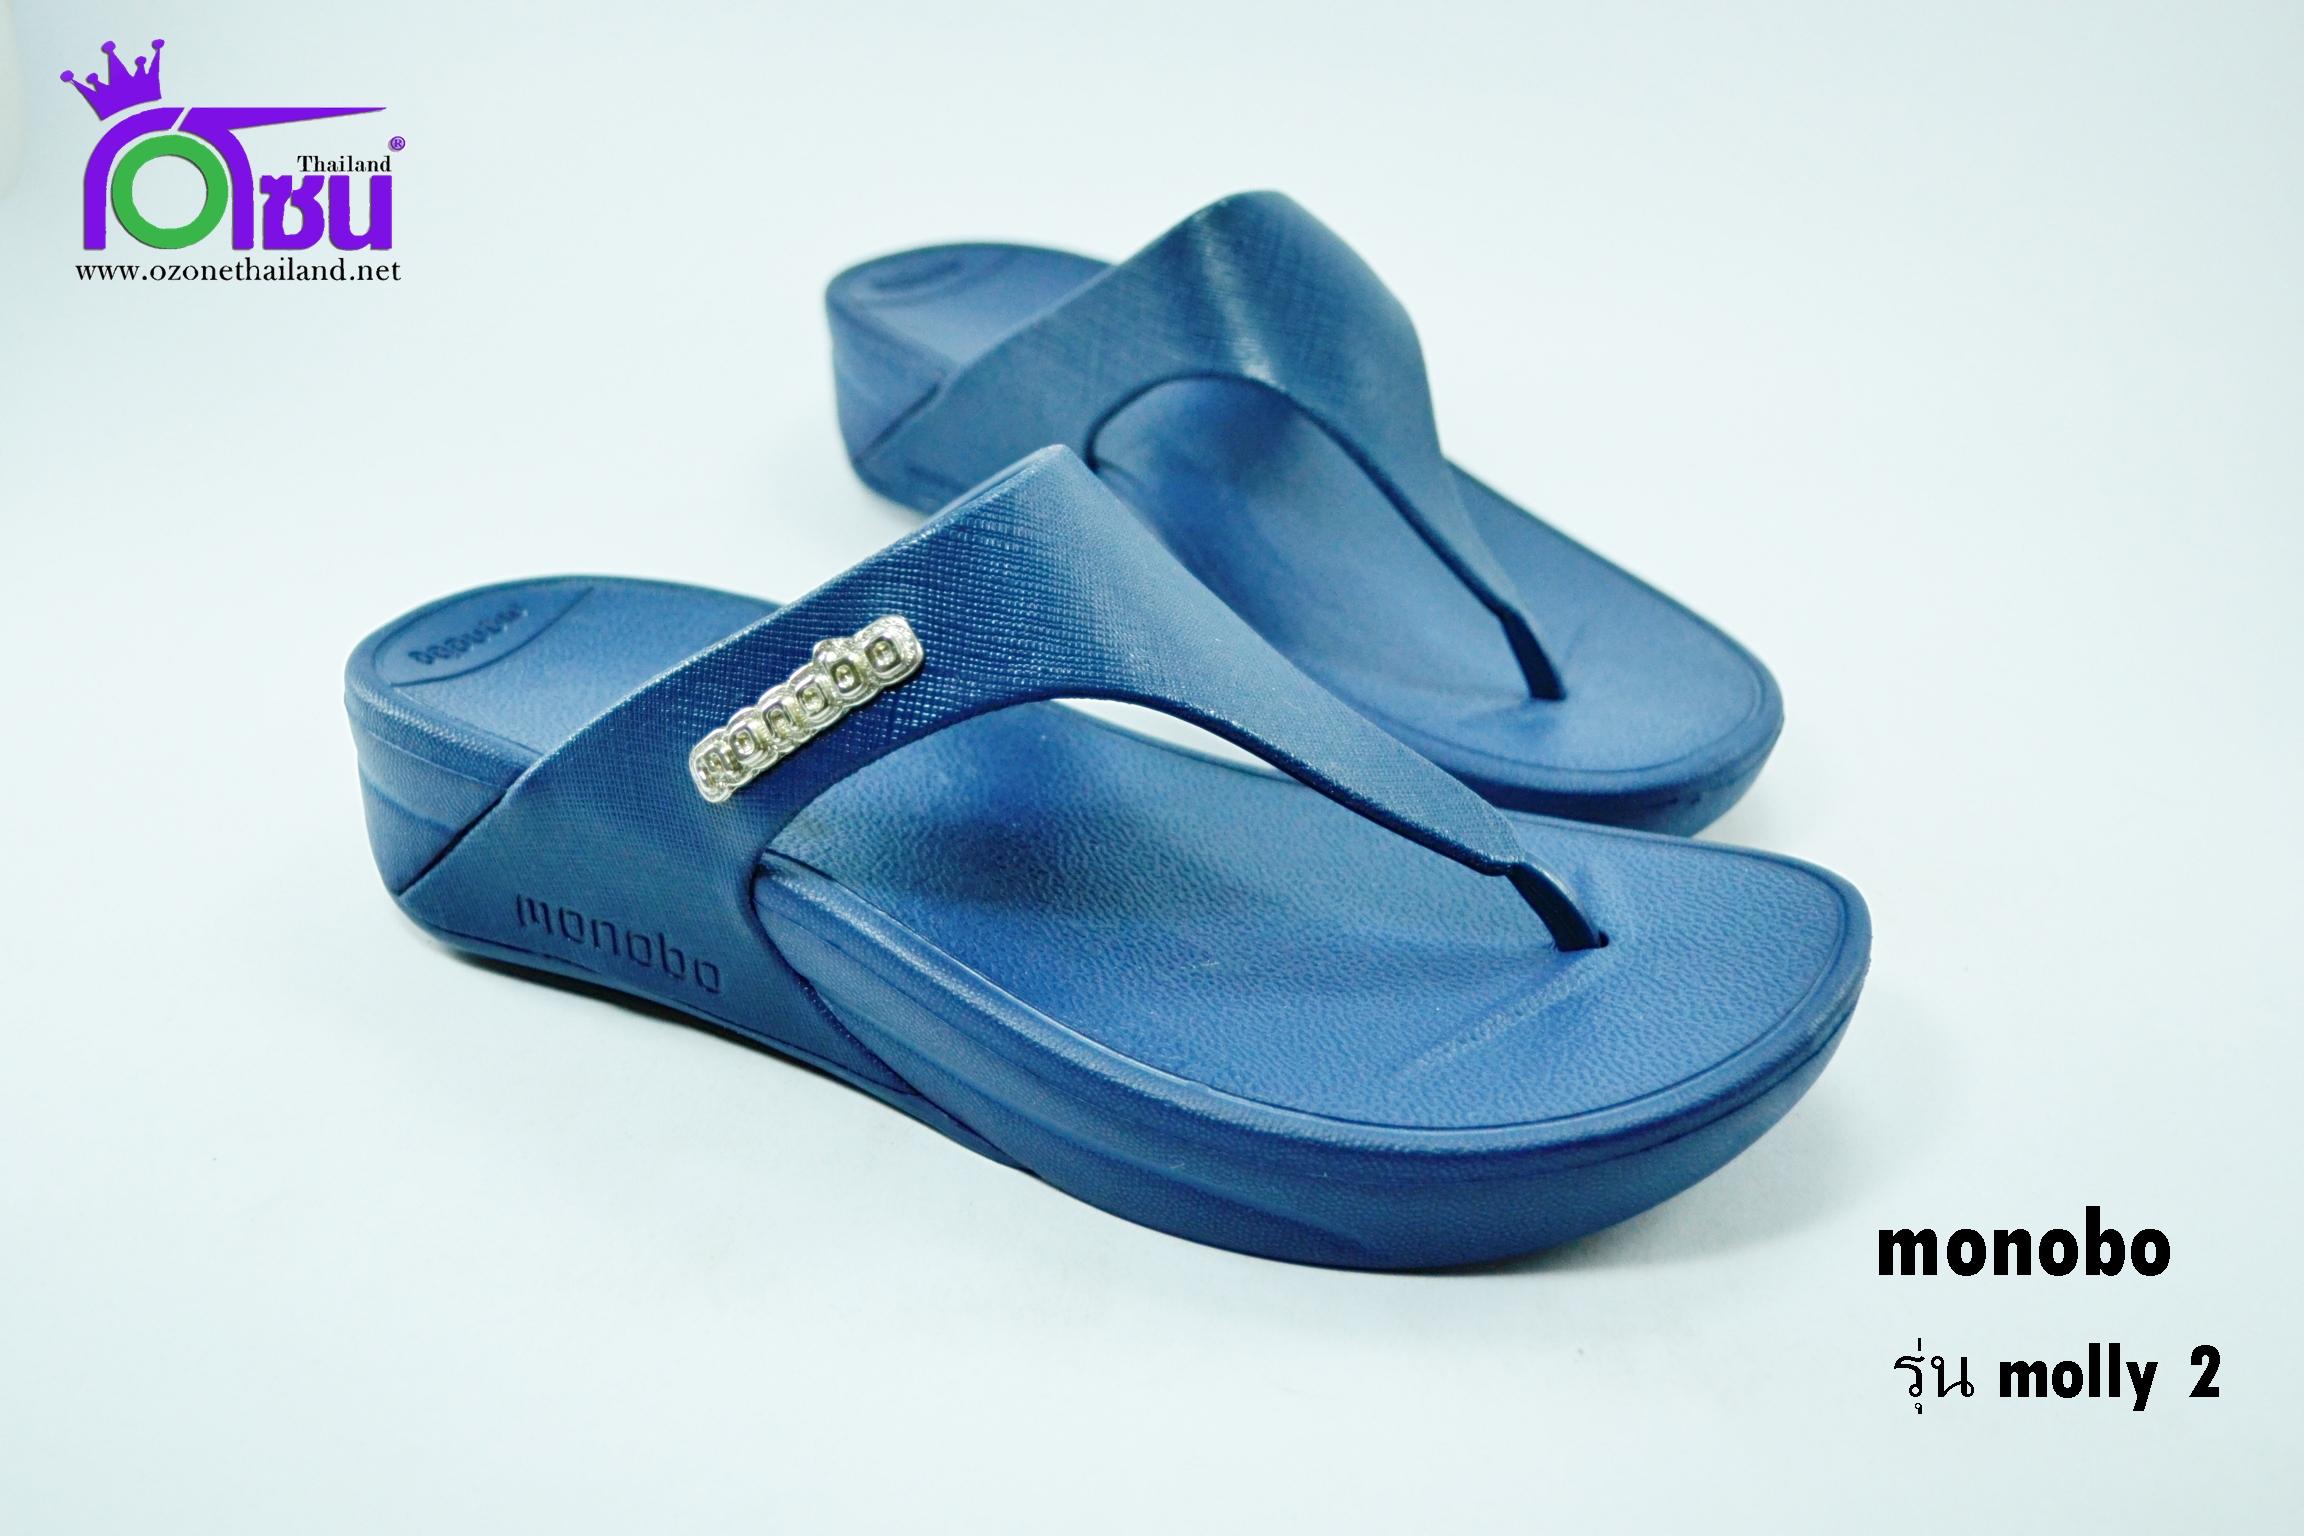 รองเท้าแตะ Monobo Molly 2 โมโนโบ้ รุ่น มอลลี่ 2 สีกรม เบอร์ 5-8